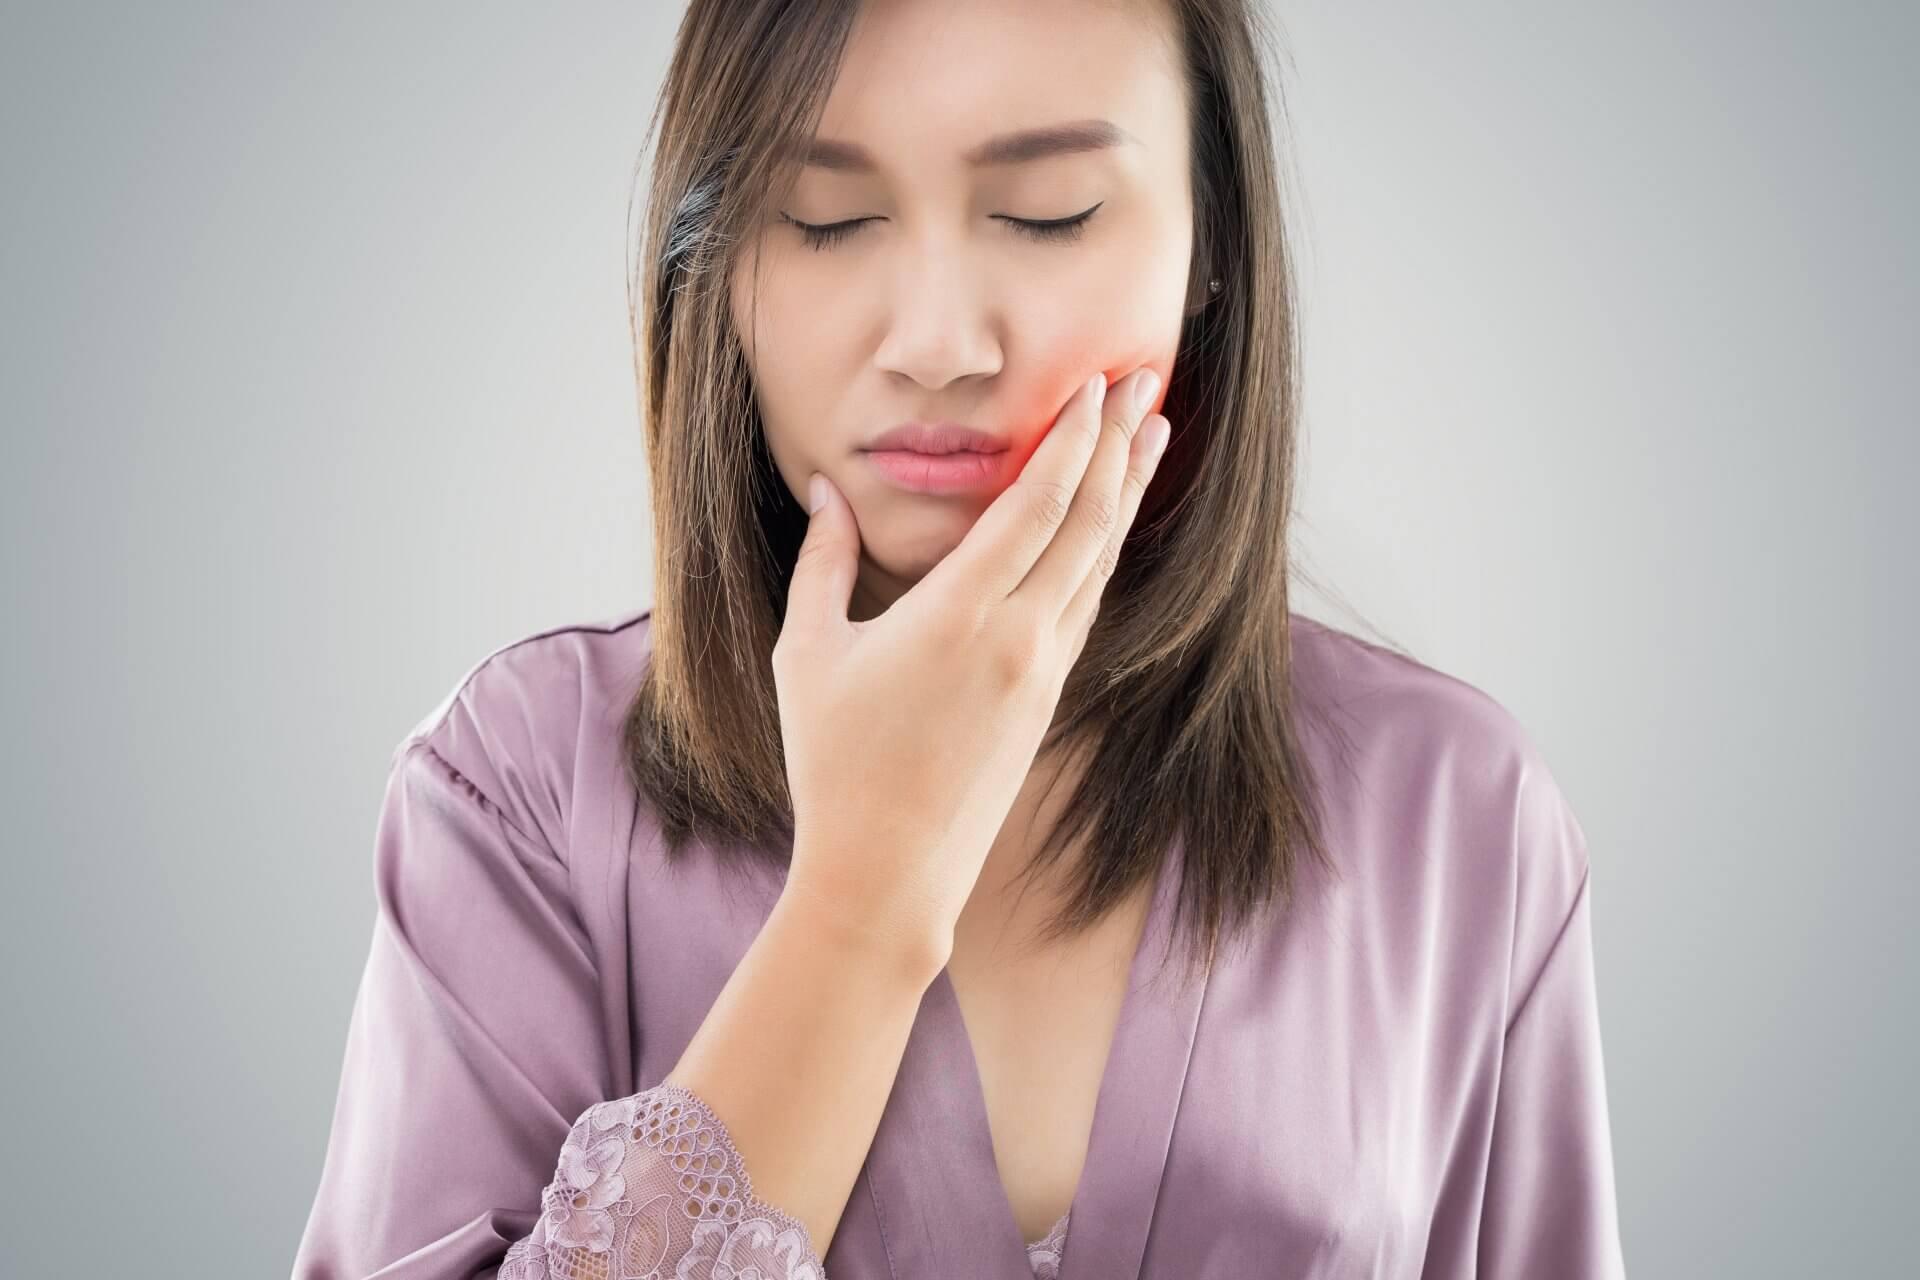 נפיחות לאחר השתלת שיניים